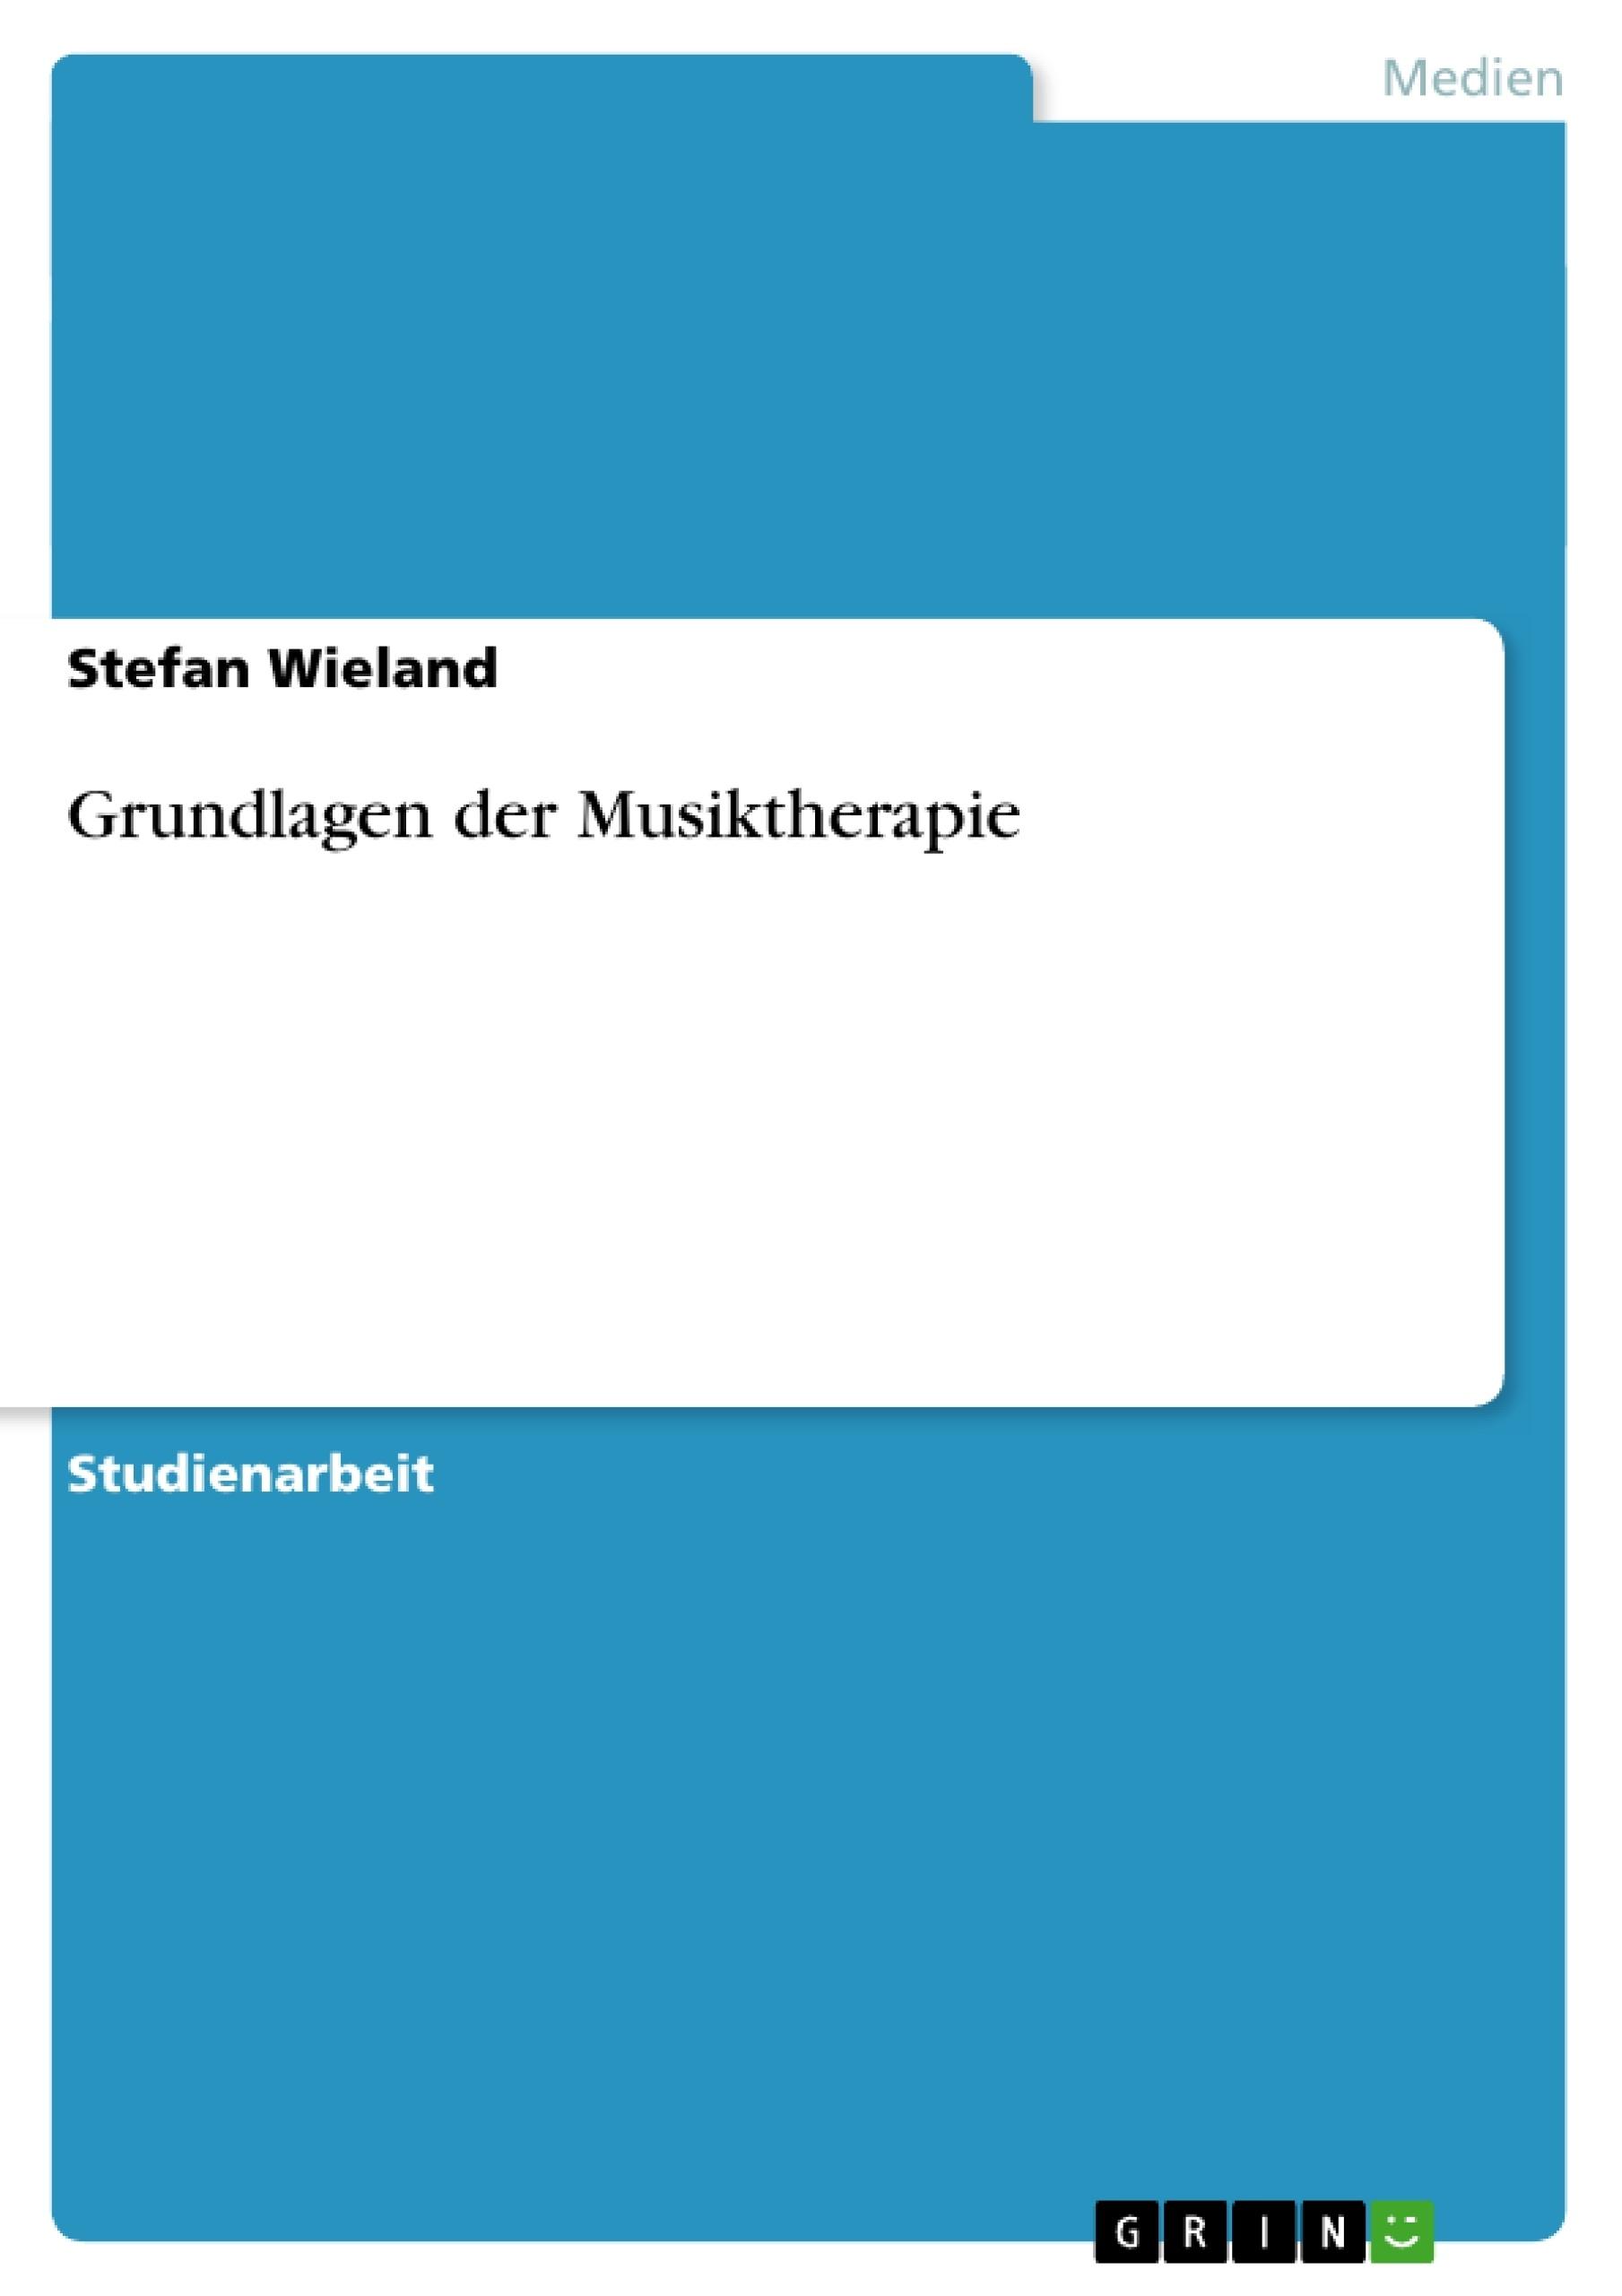 Titel: Grundlagen der Musiktherapie